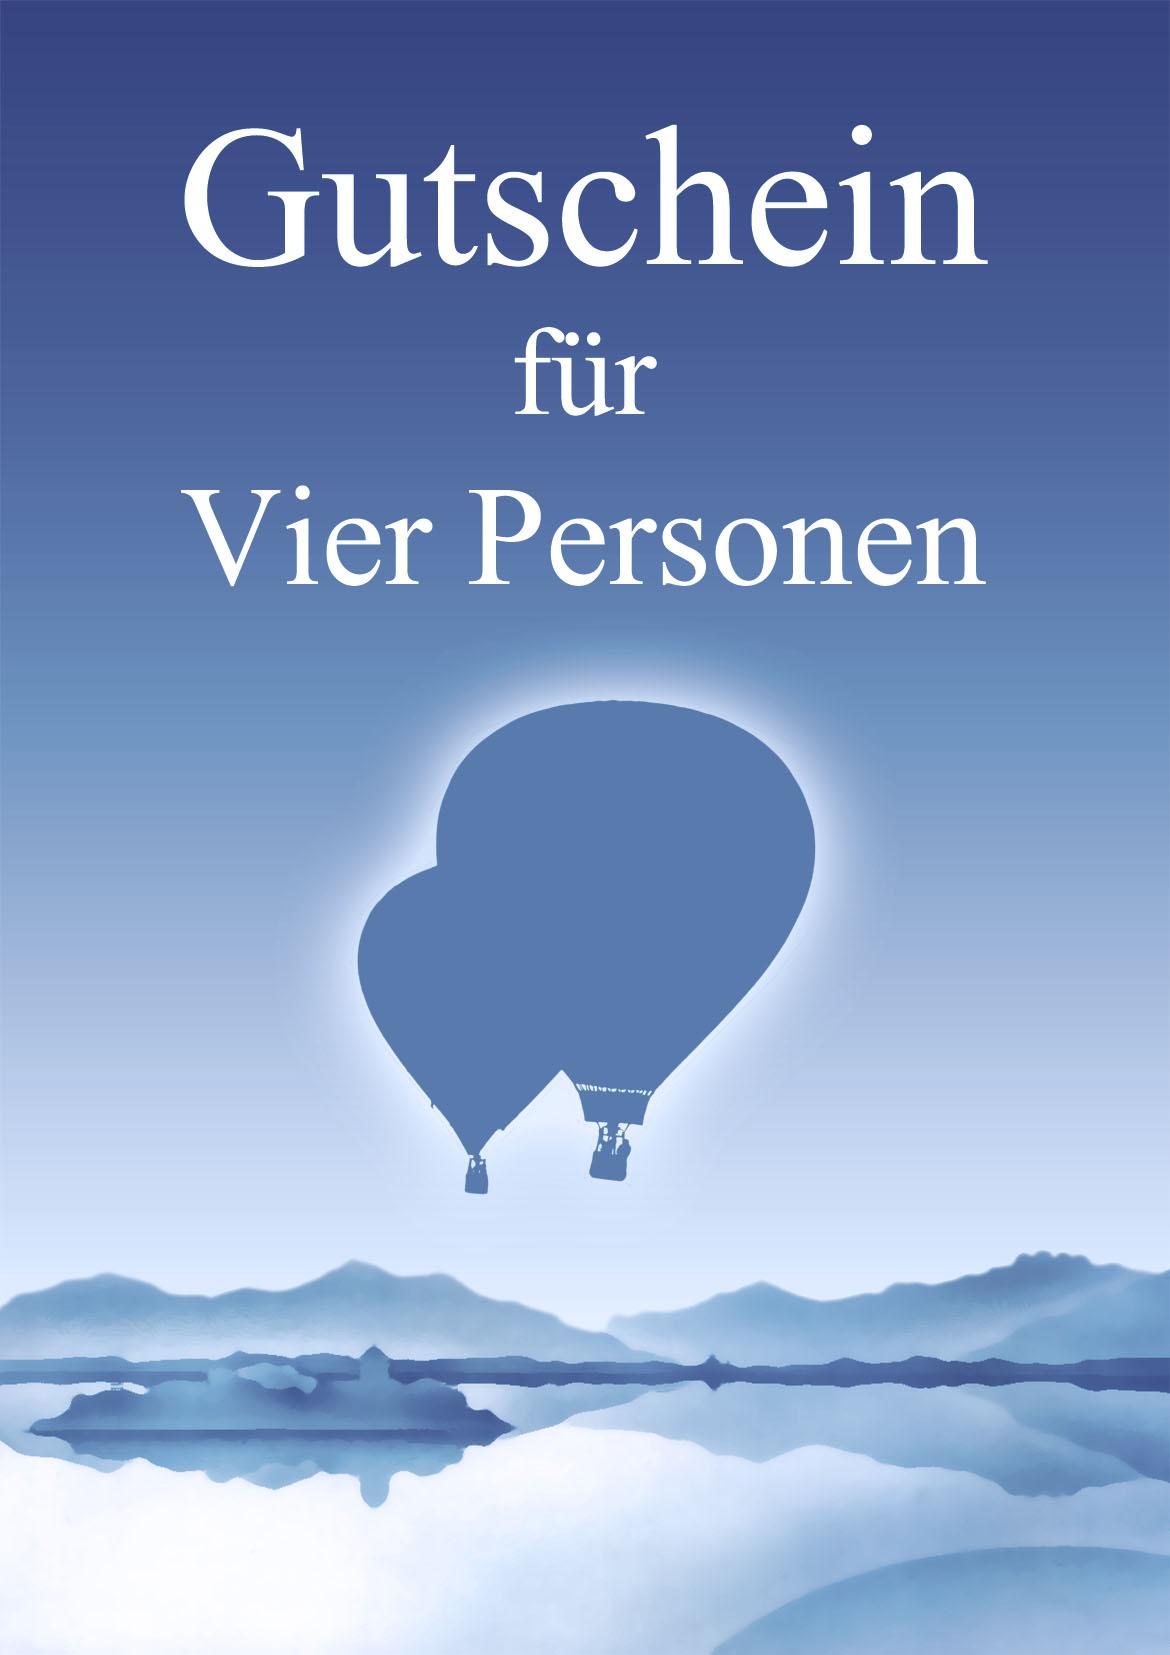 Ballonfahrt Gutschein für vier Personen - Chiemseeballooning